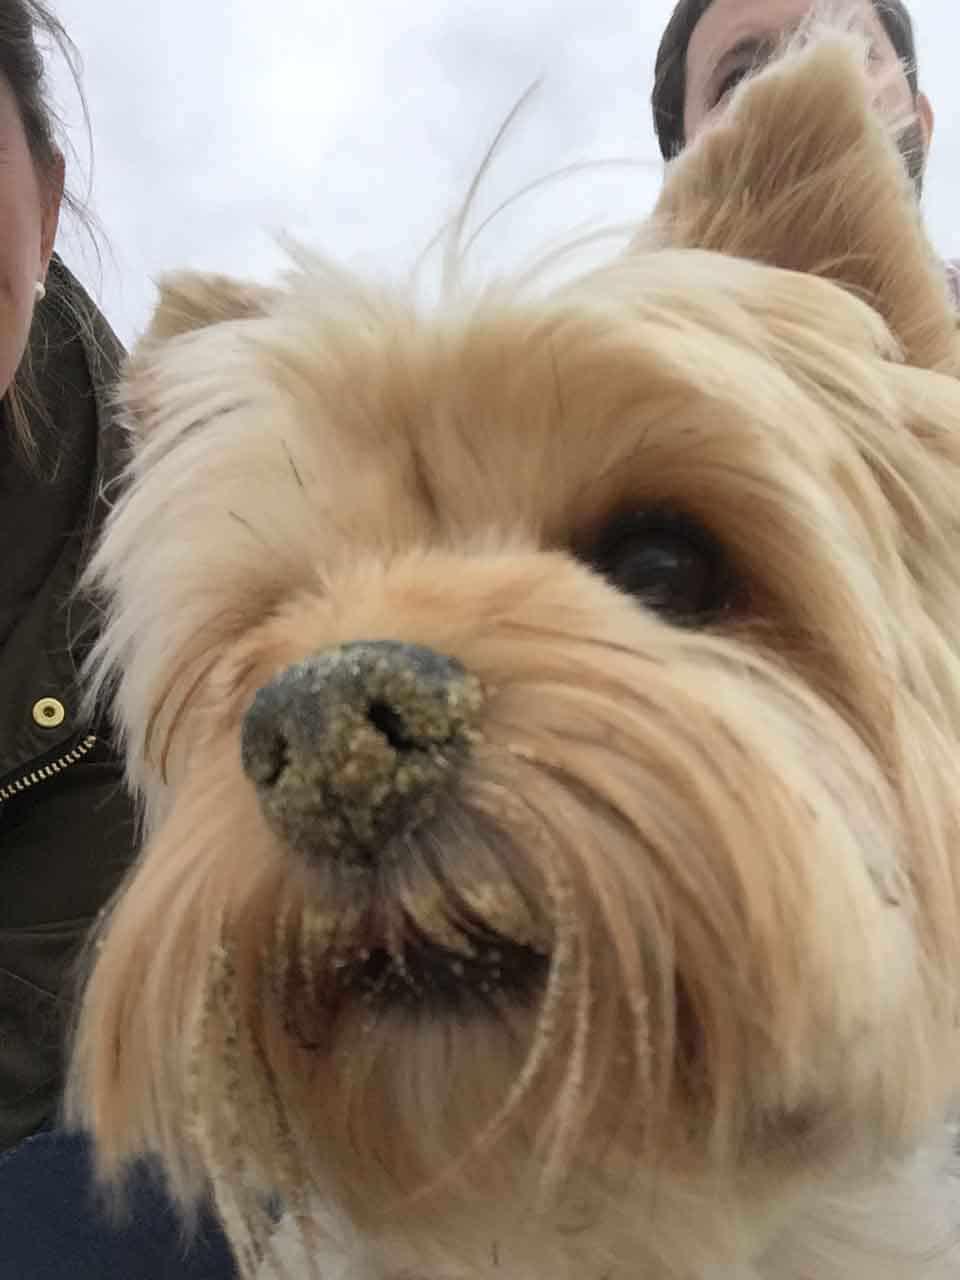 un chien avec du sable sur la truffe pour maison medor